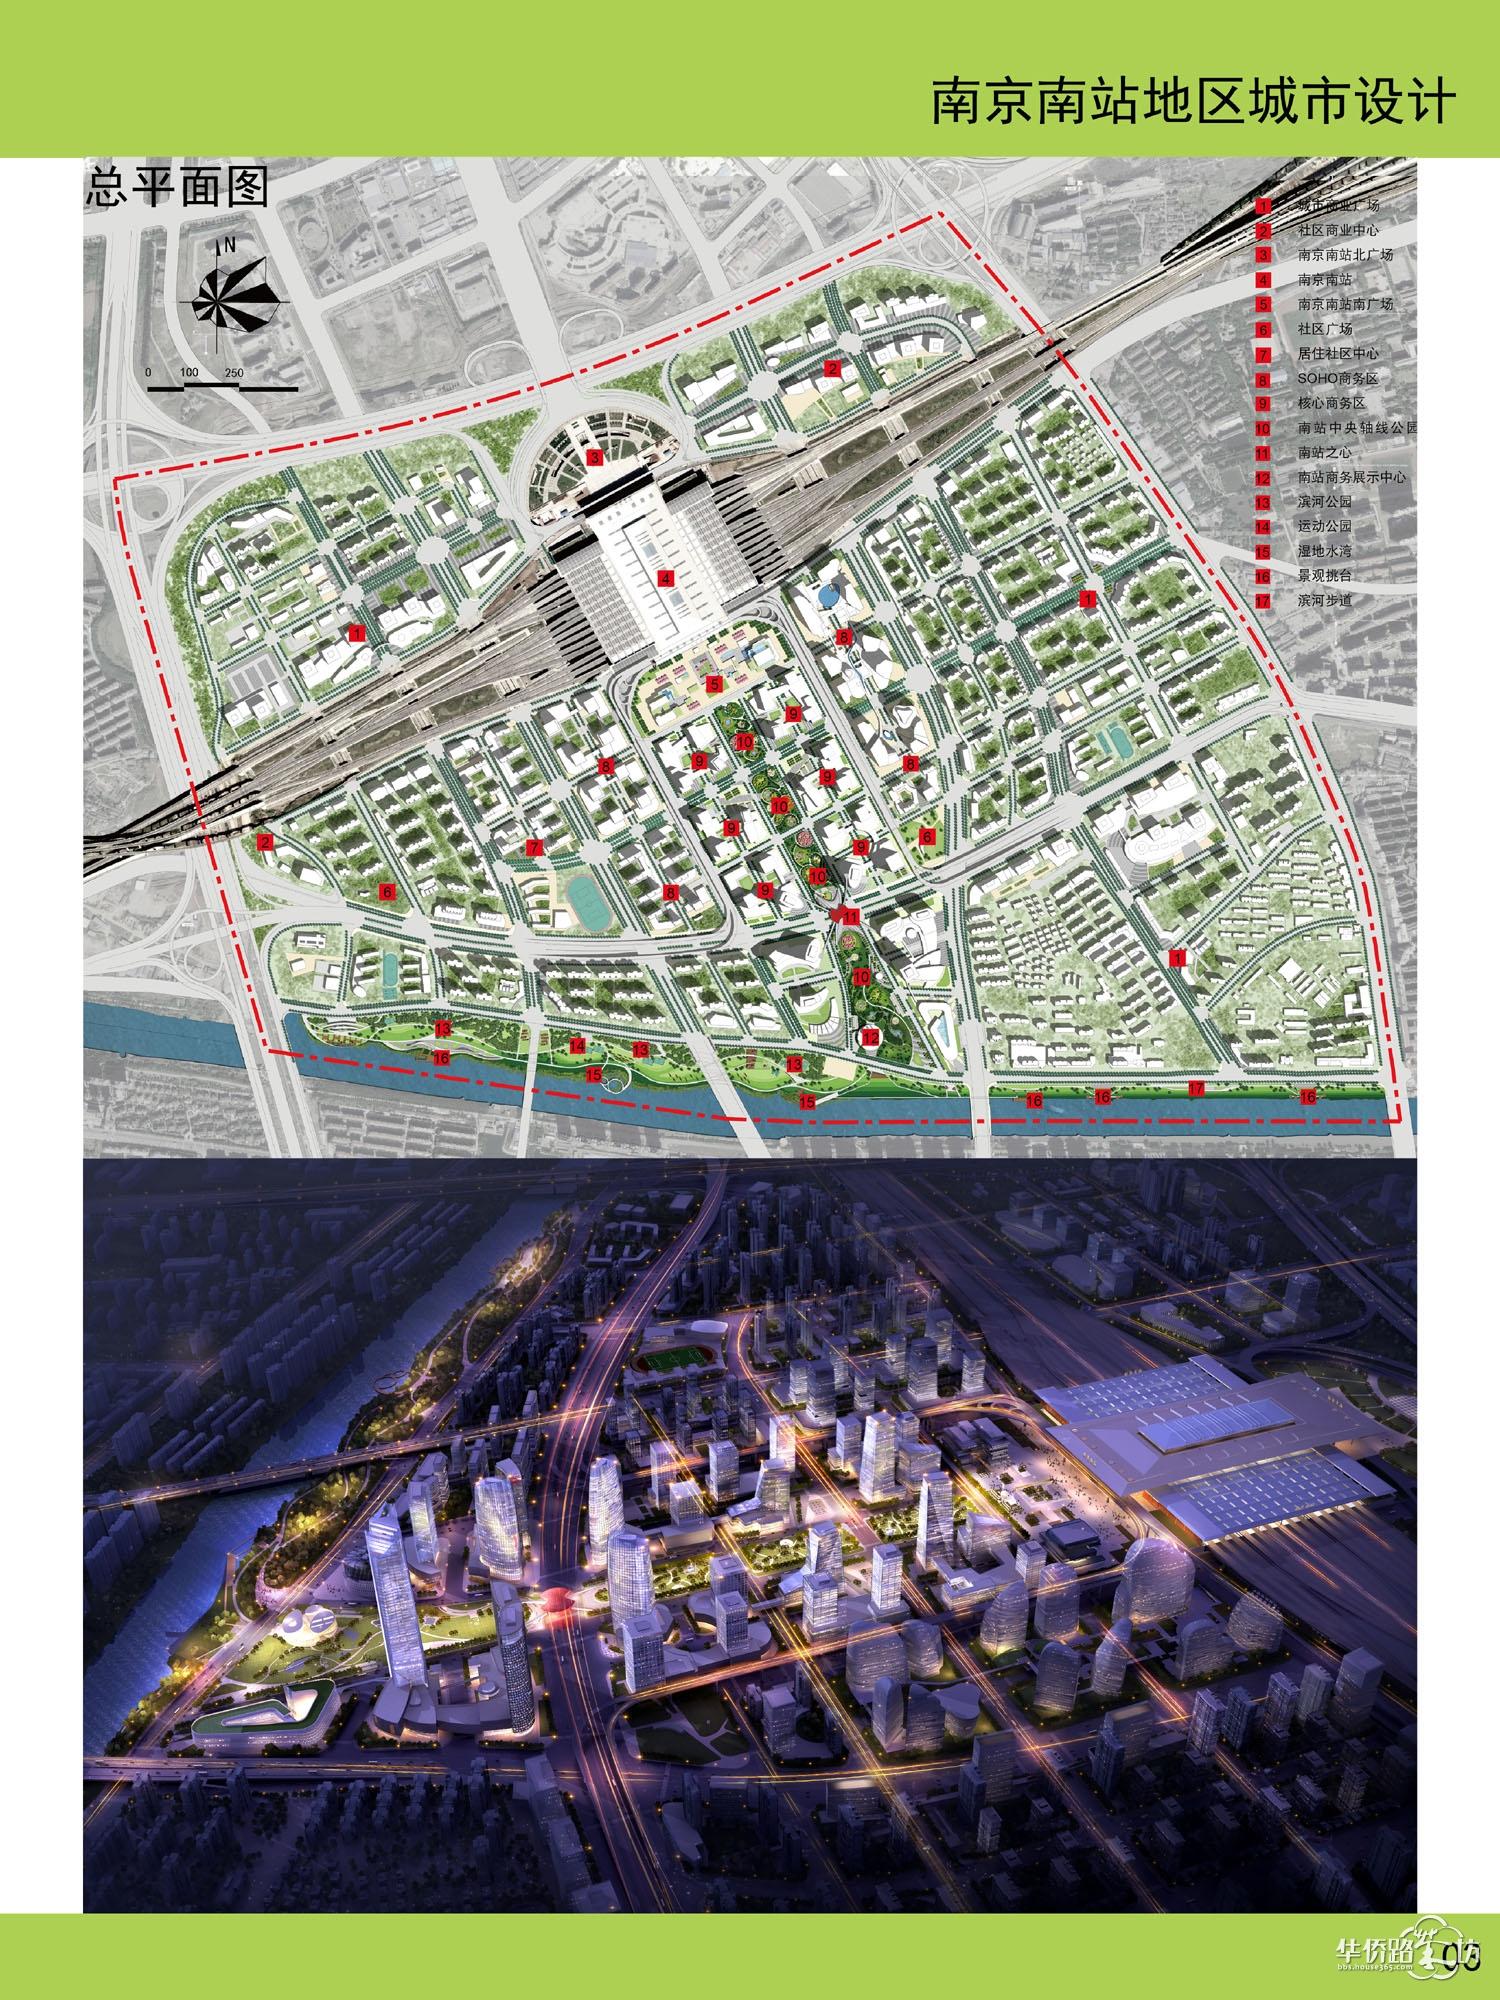 设计/南京南站地区城市设计(公众意见征询)完整jpg图